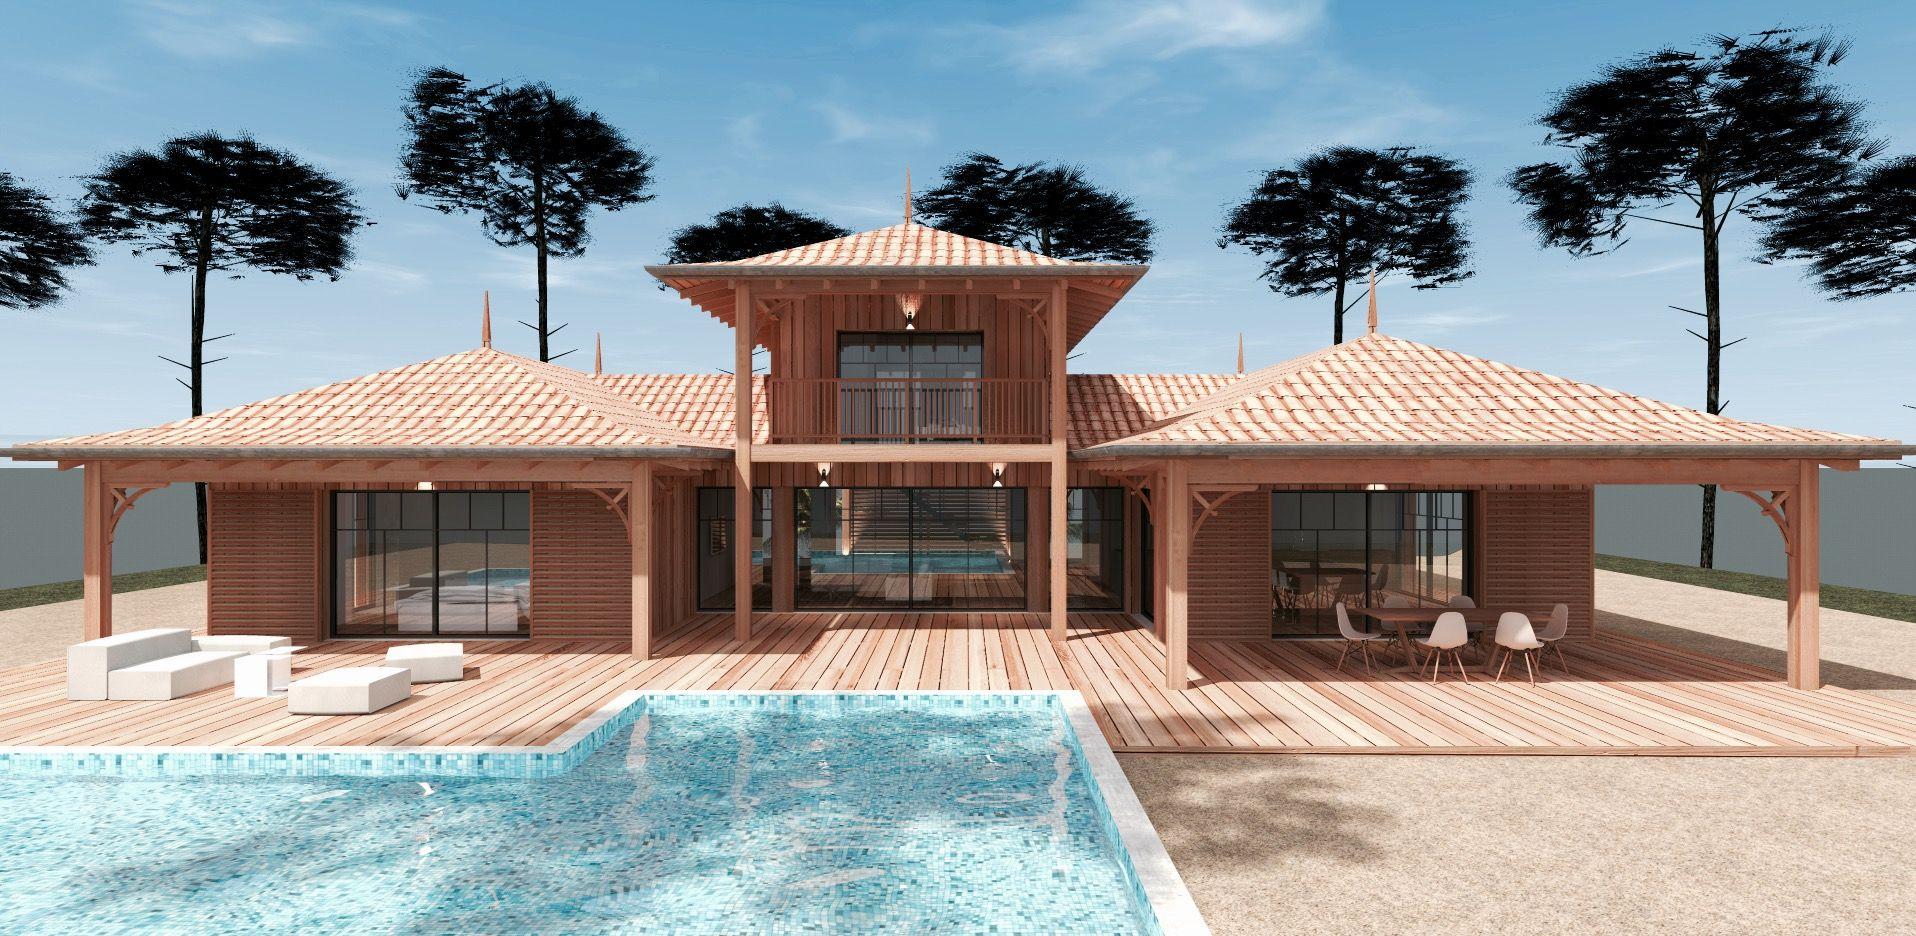 Constructeur maison bois contemporaine bordeaux ventana blog for Constructeur maison en bois tahiti